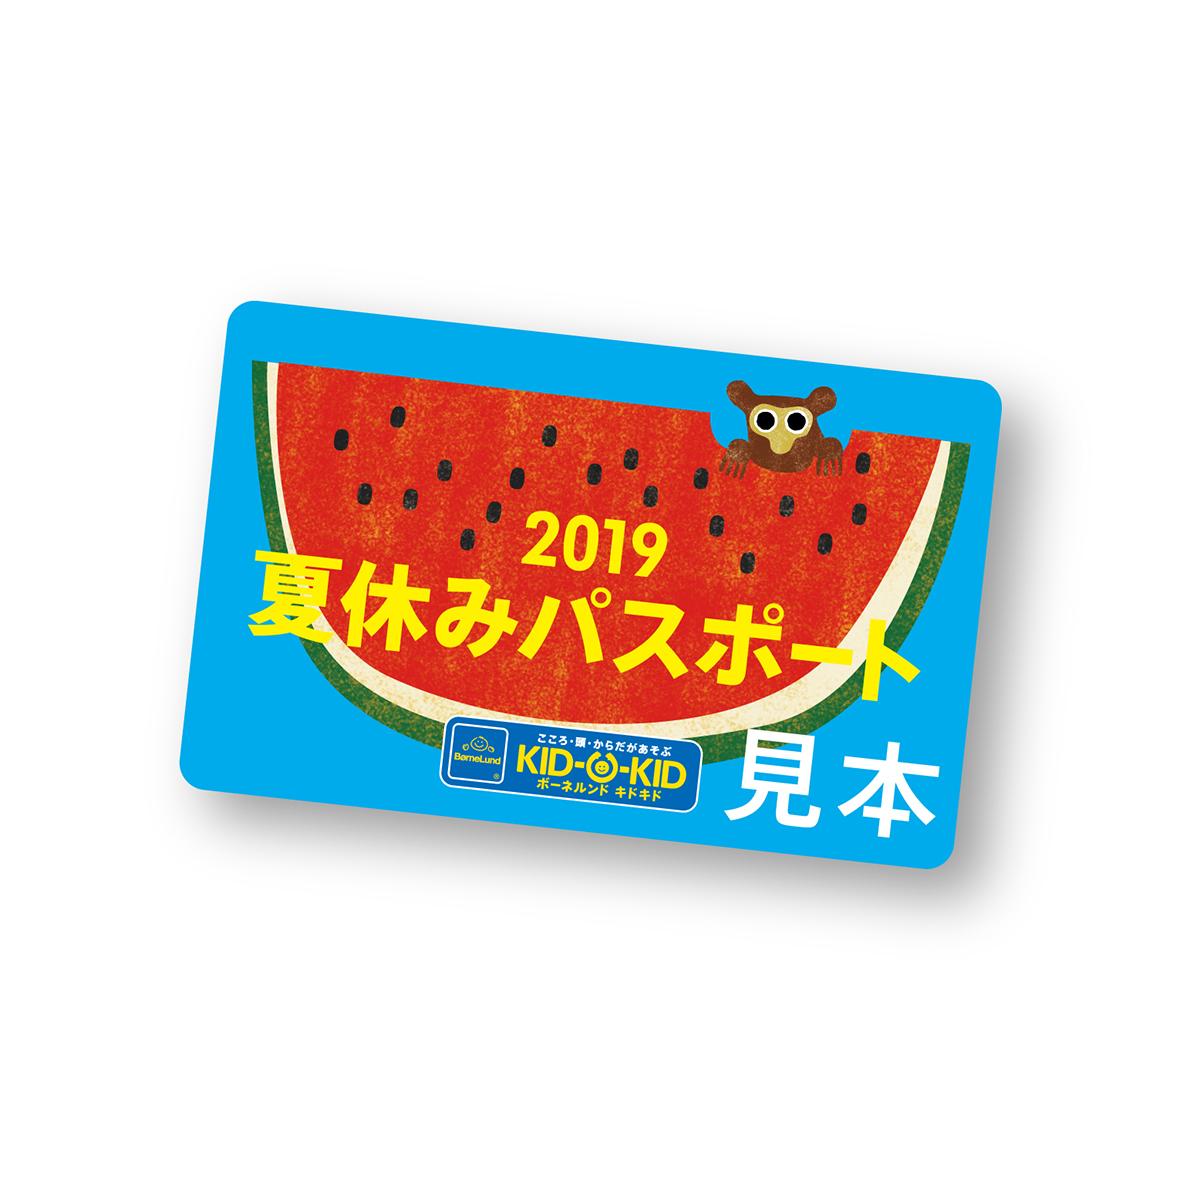 キドキド夏休みパスポート販売中です!